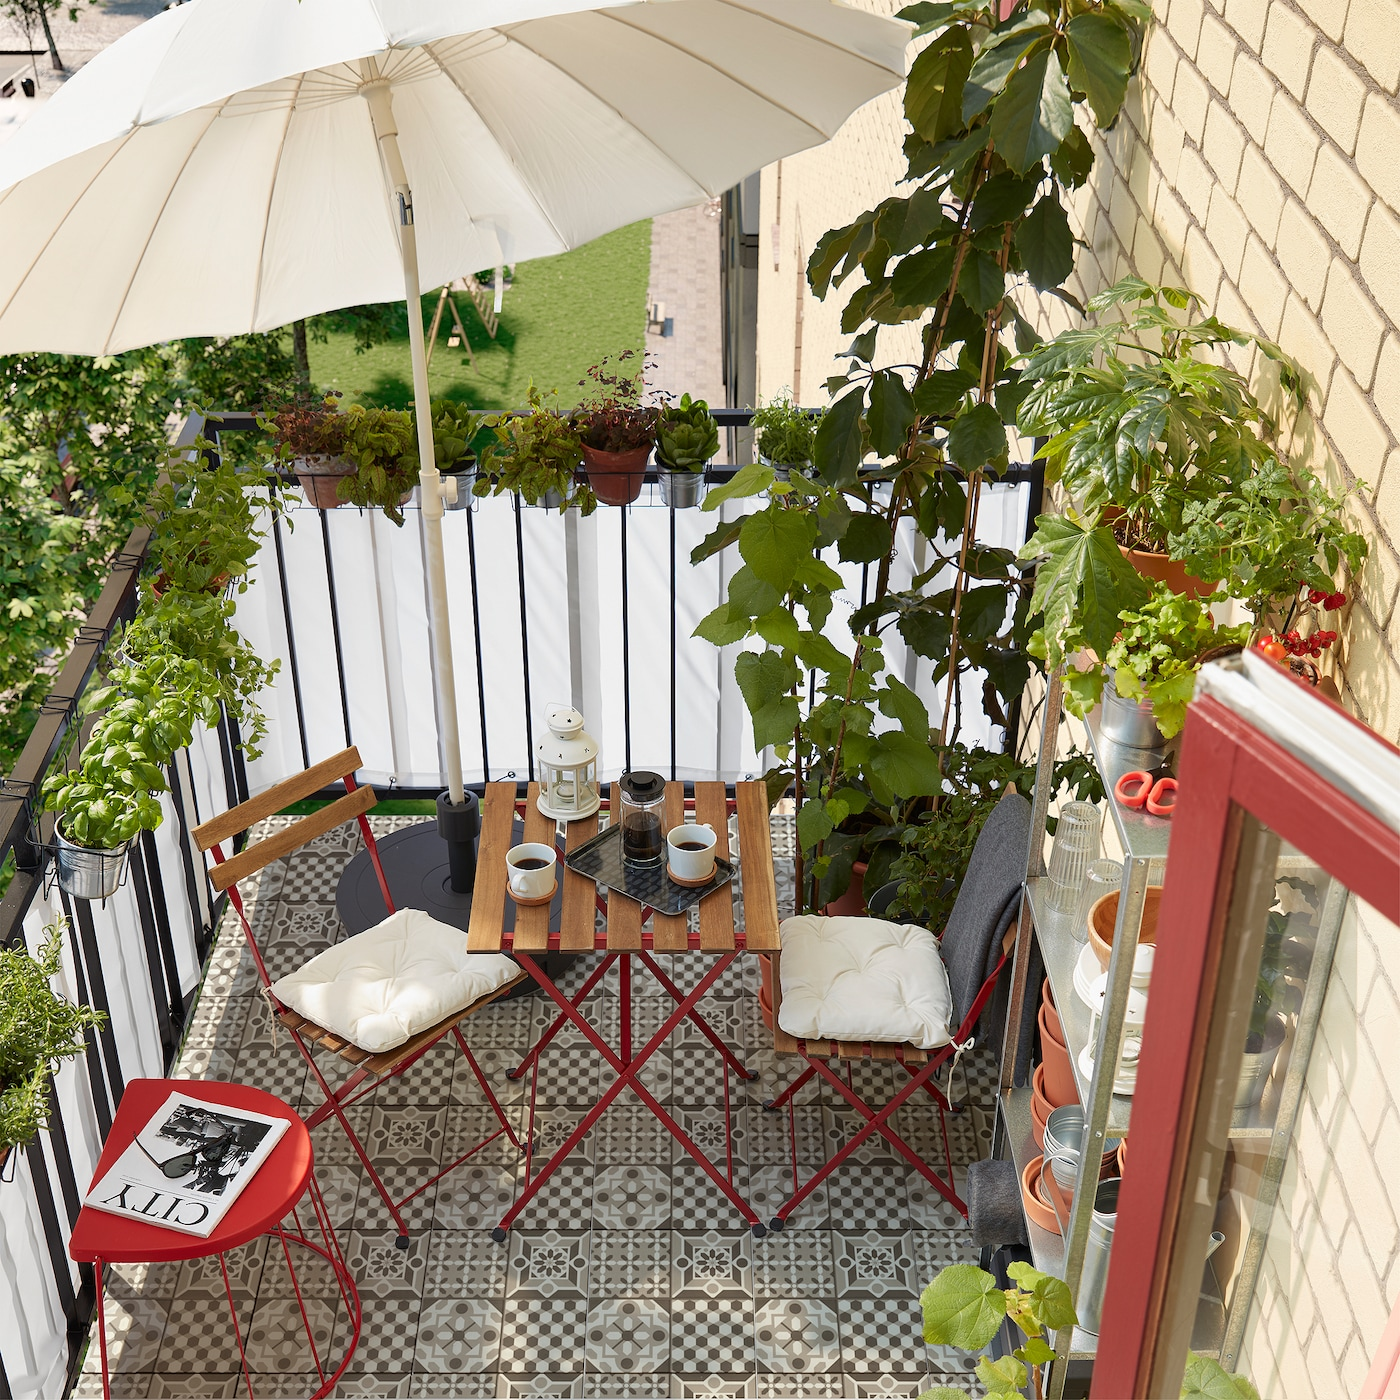 Lille altan med masser af krydderurter og planter, en rød taburet, en hvid parasol og 2 klapstole og et klapbord.